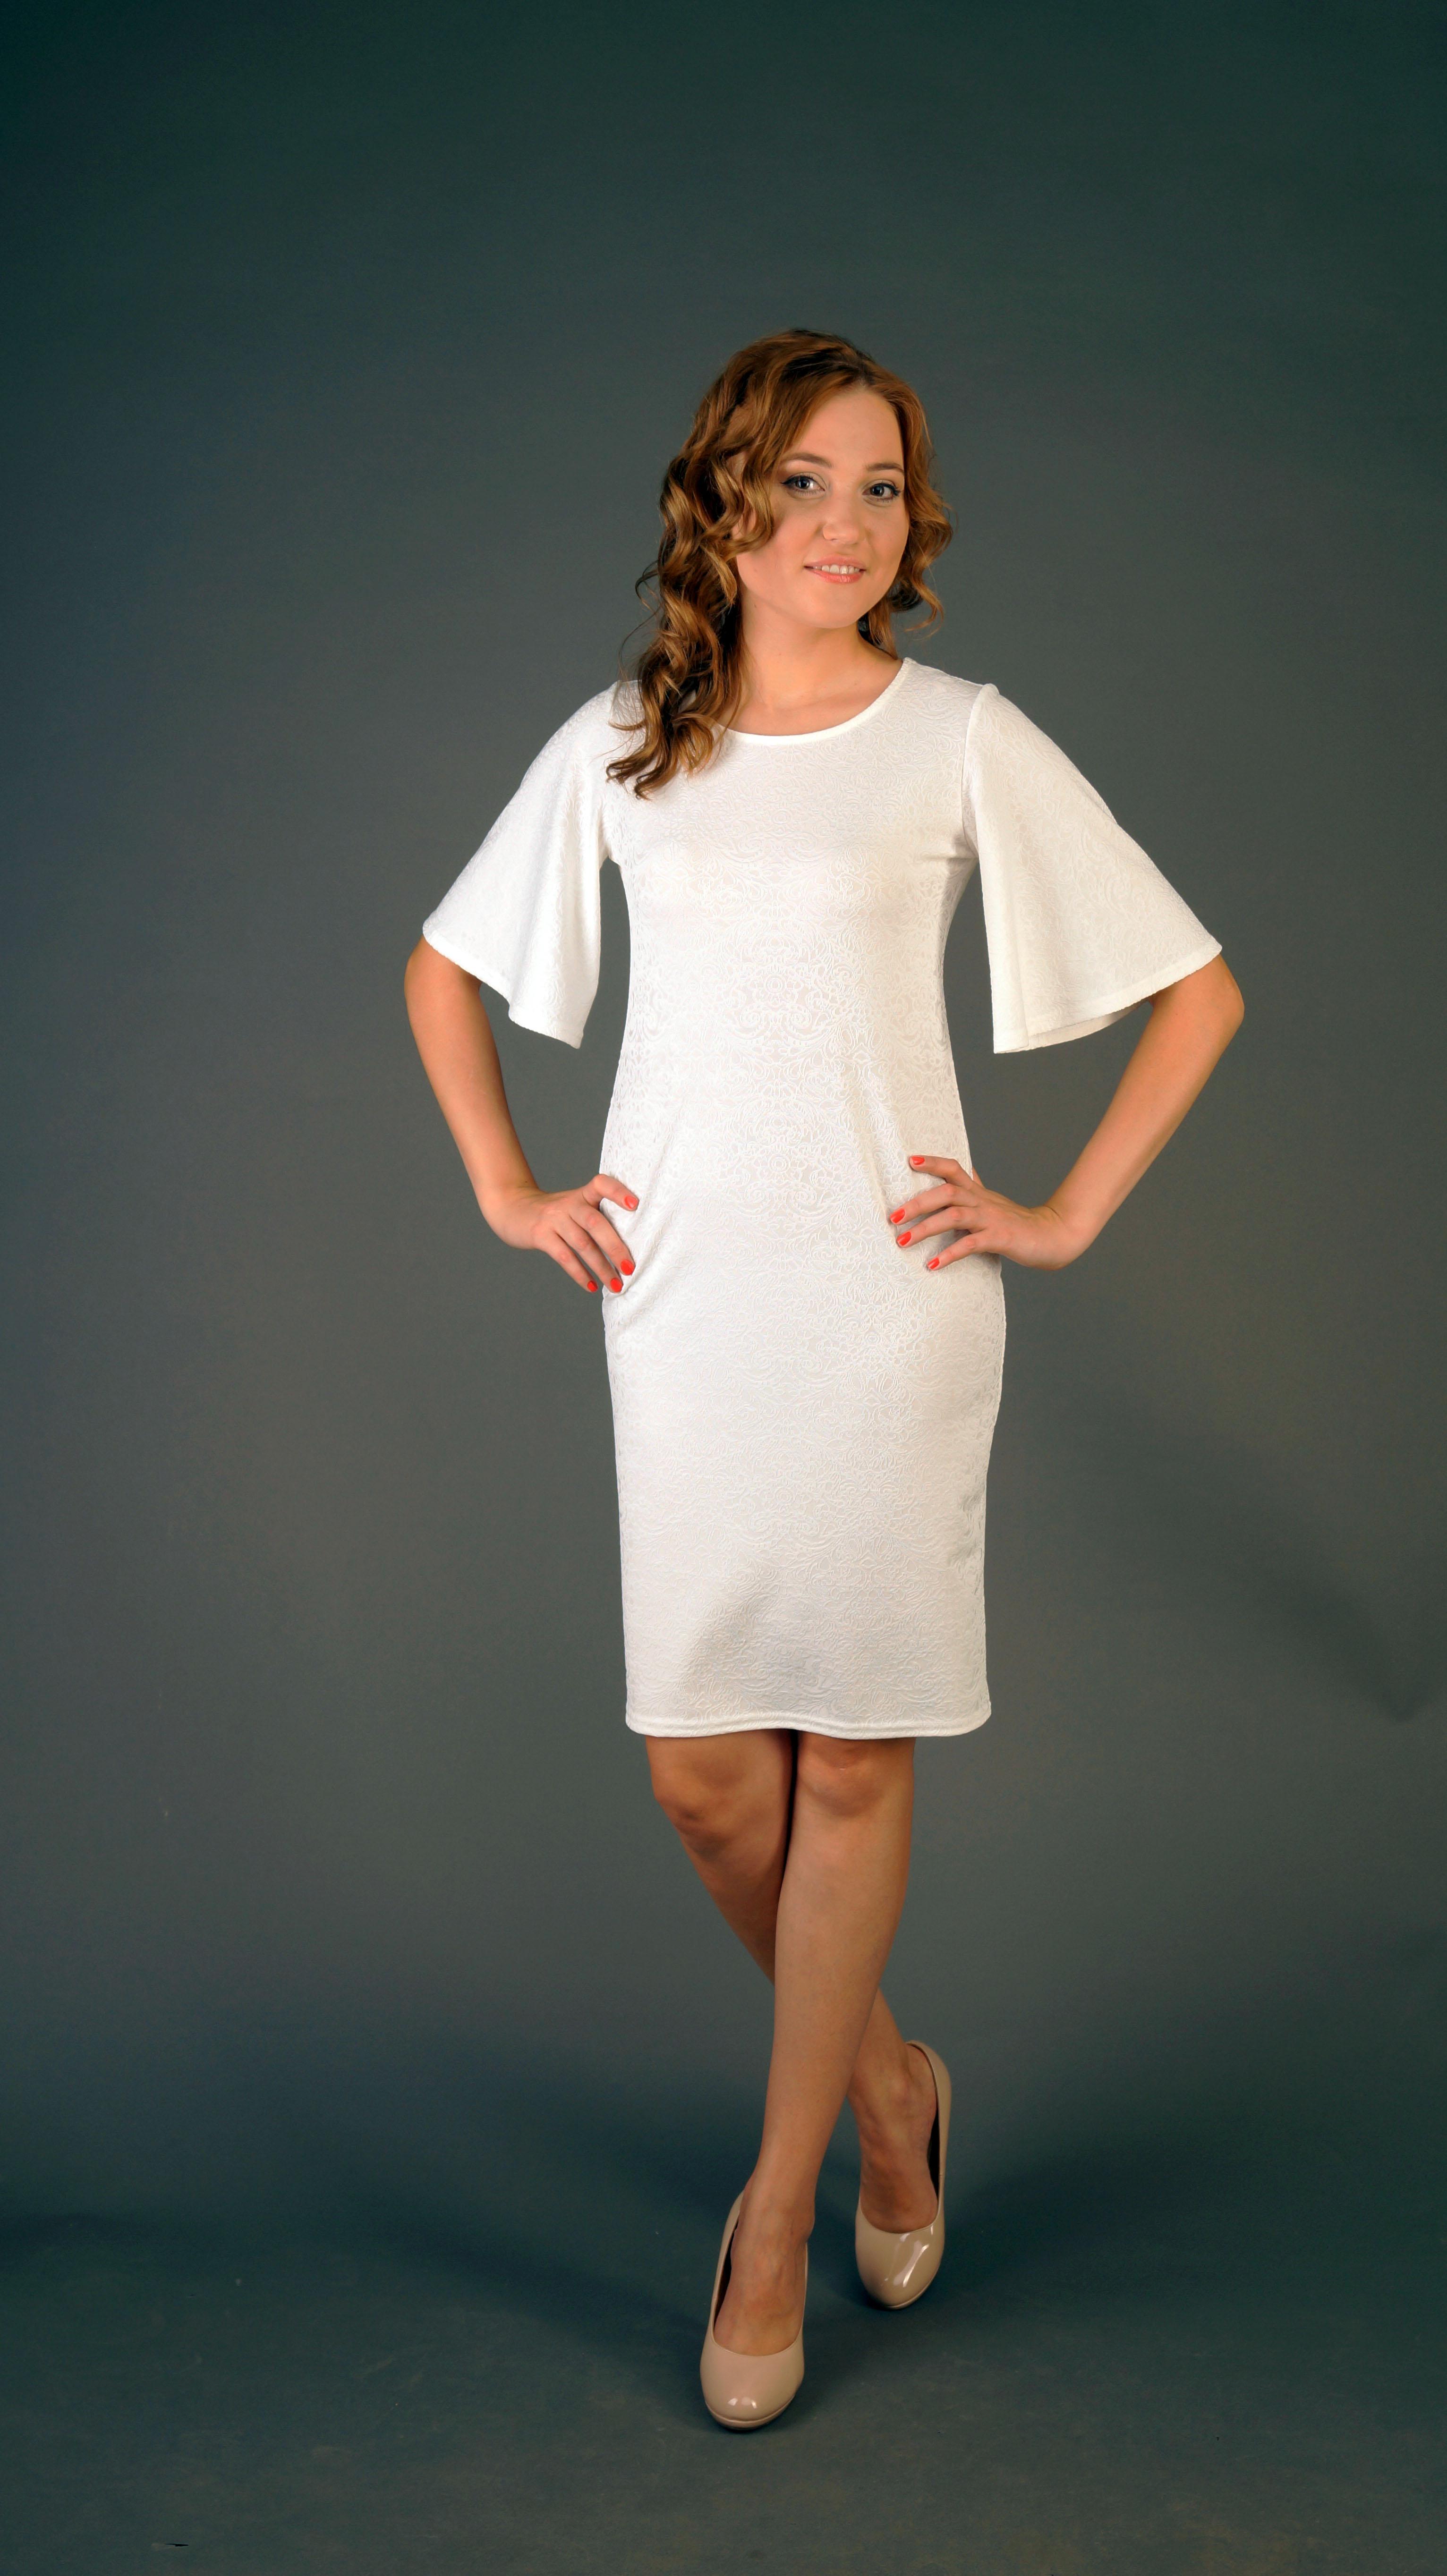 Сбор заказов.Распродажа модной женской одежды,новинки .Размерный ряд от 42 до 60 размера. Выкуп 4.